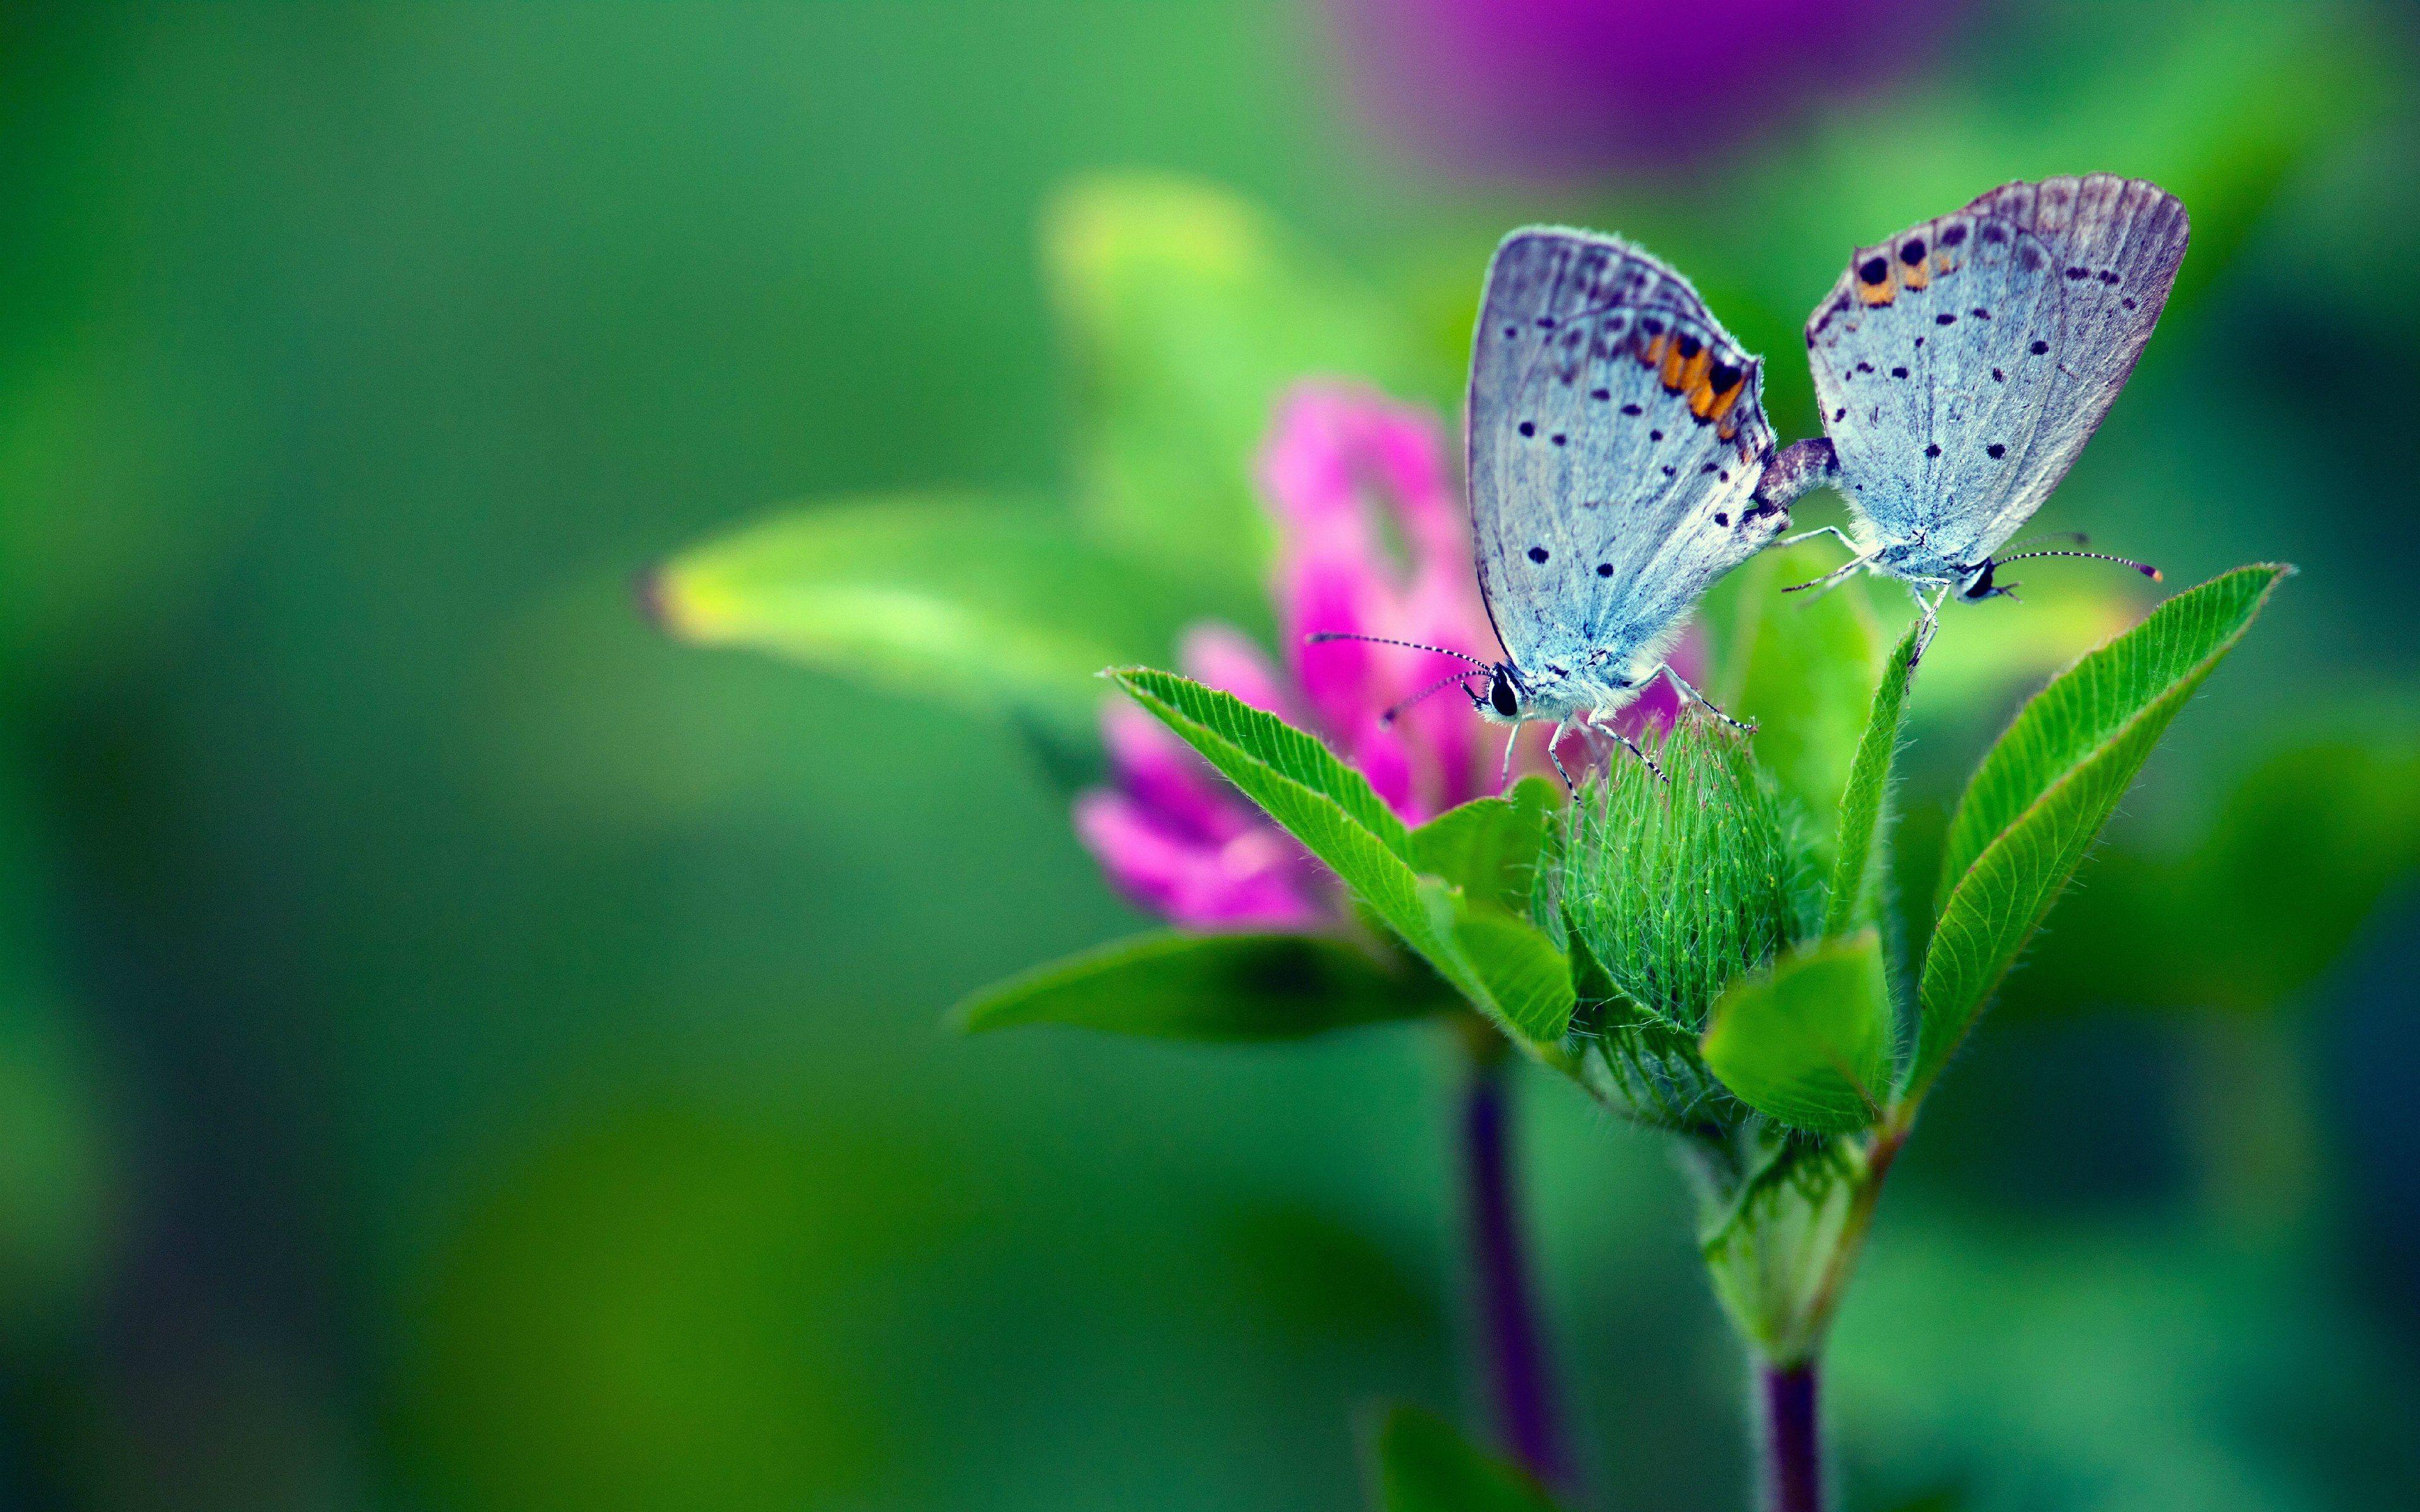 butterfly flower garden 4k wallpaper hd download desktop